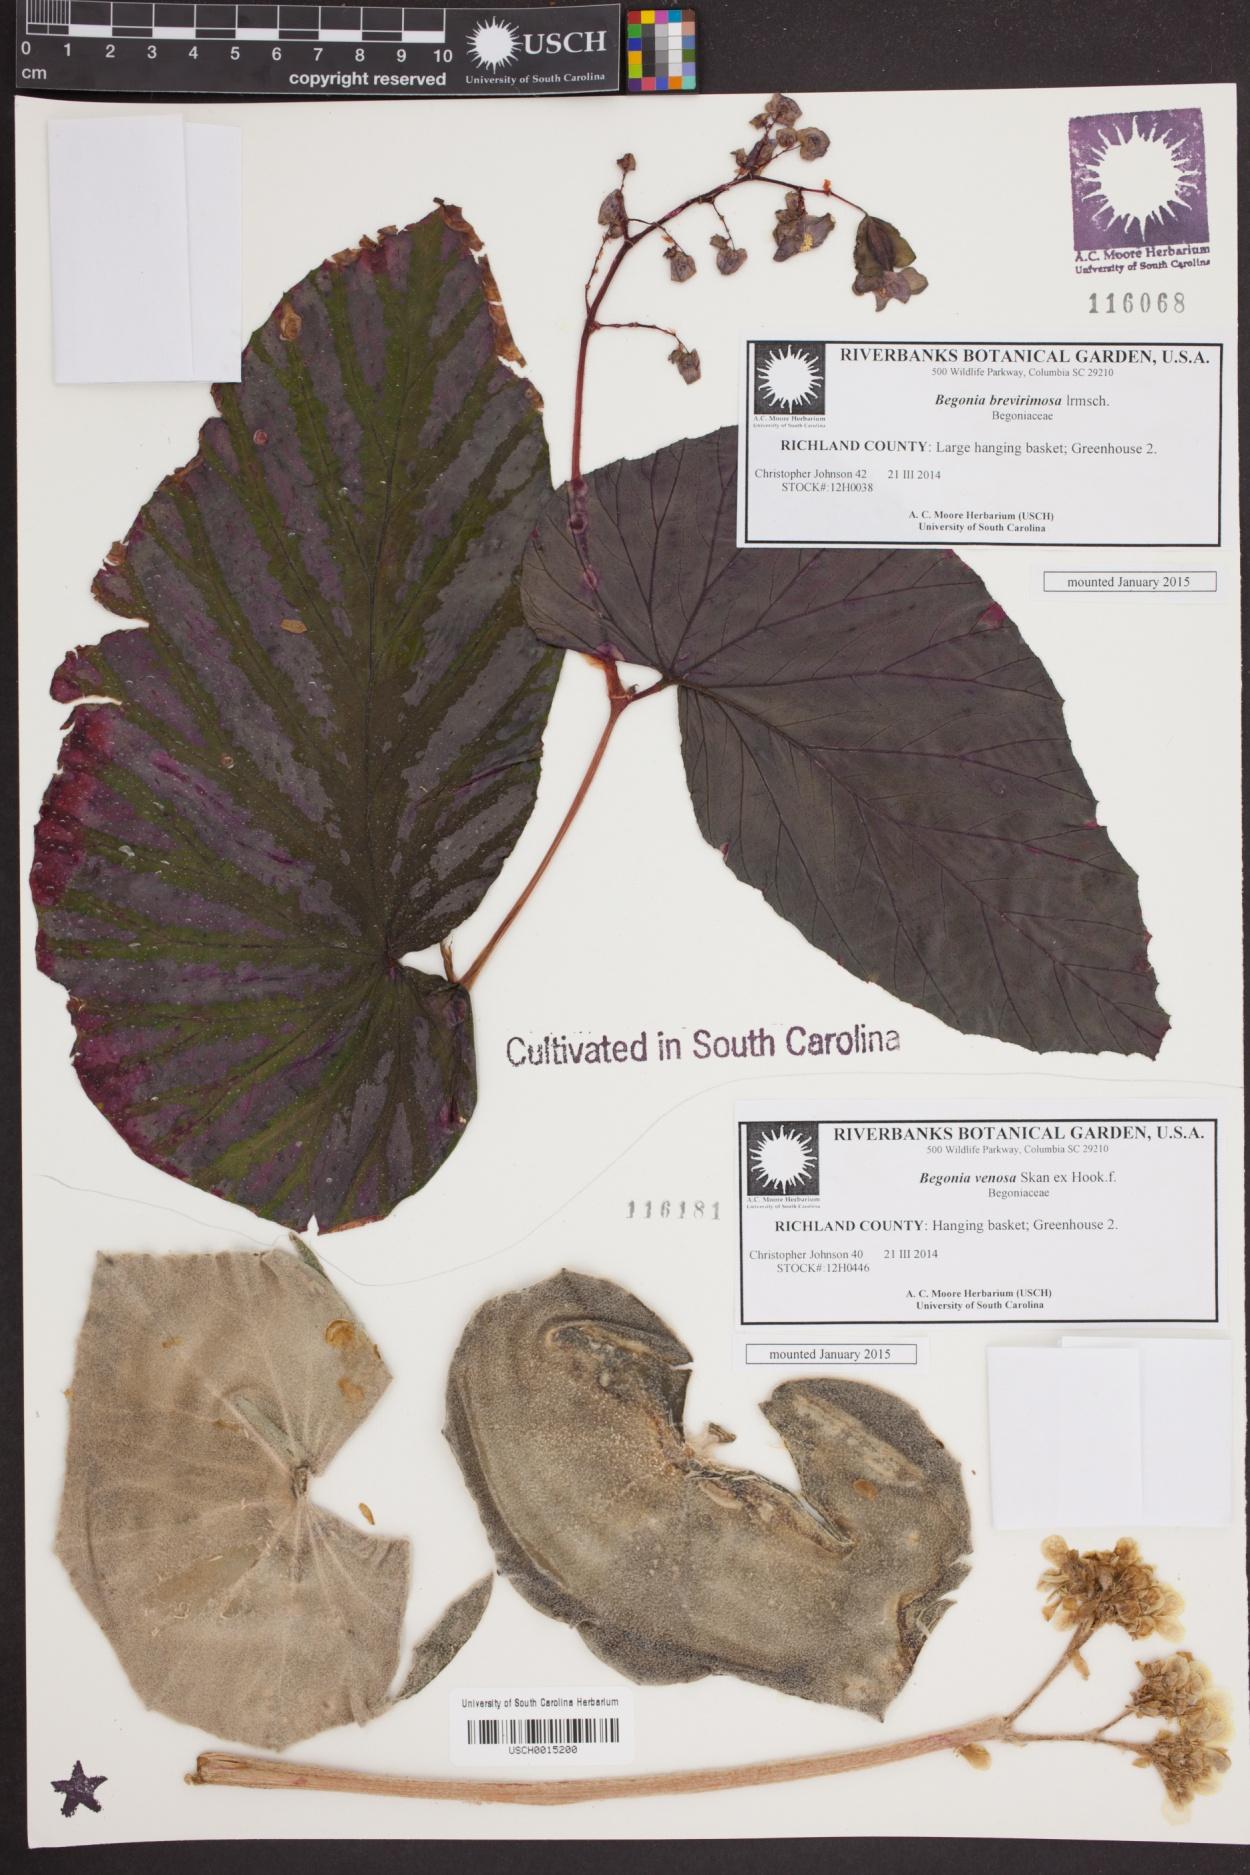 Begonia brevirimosa image